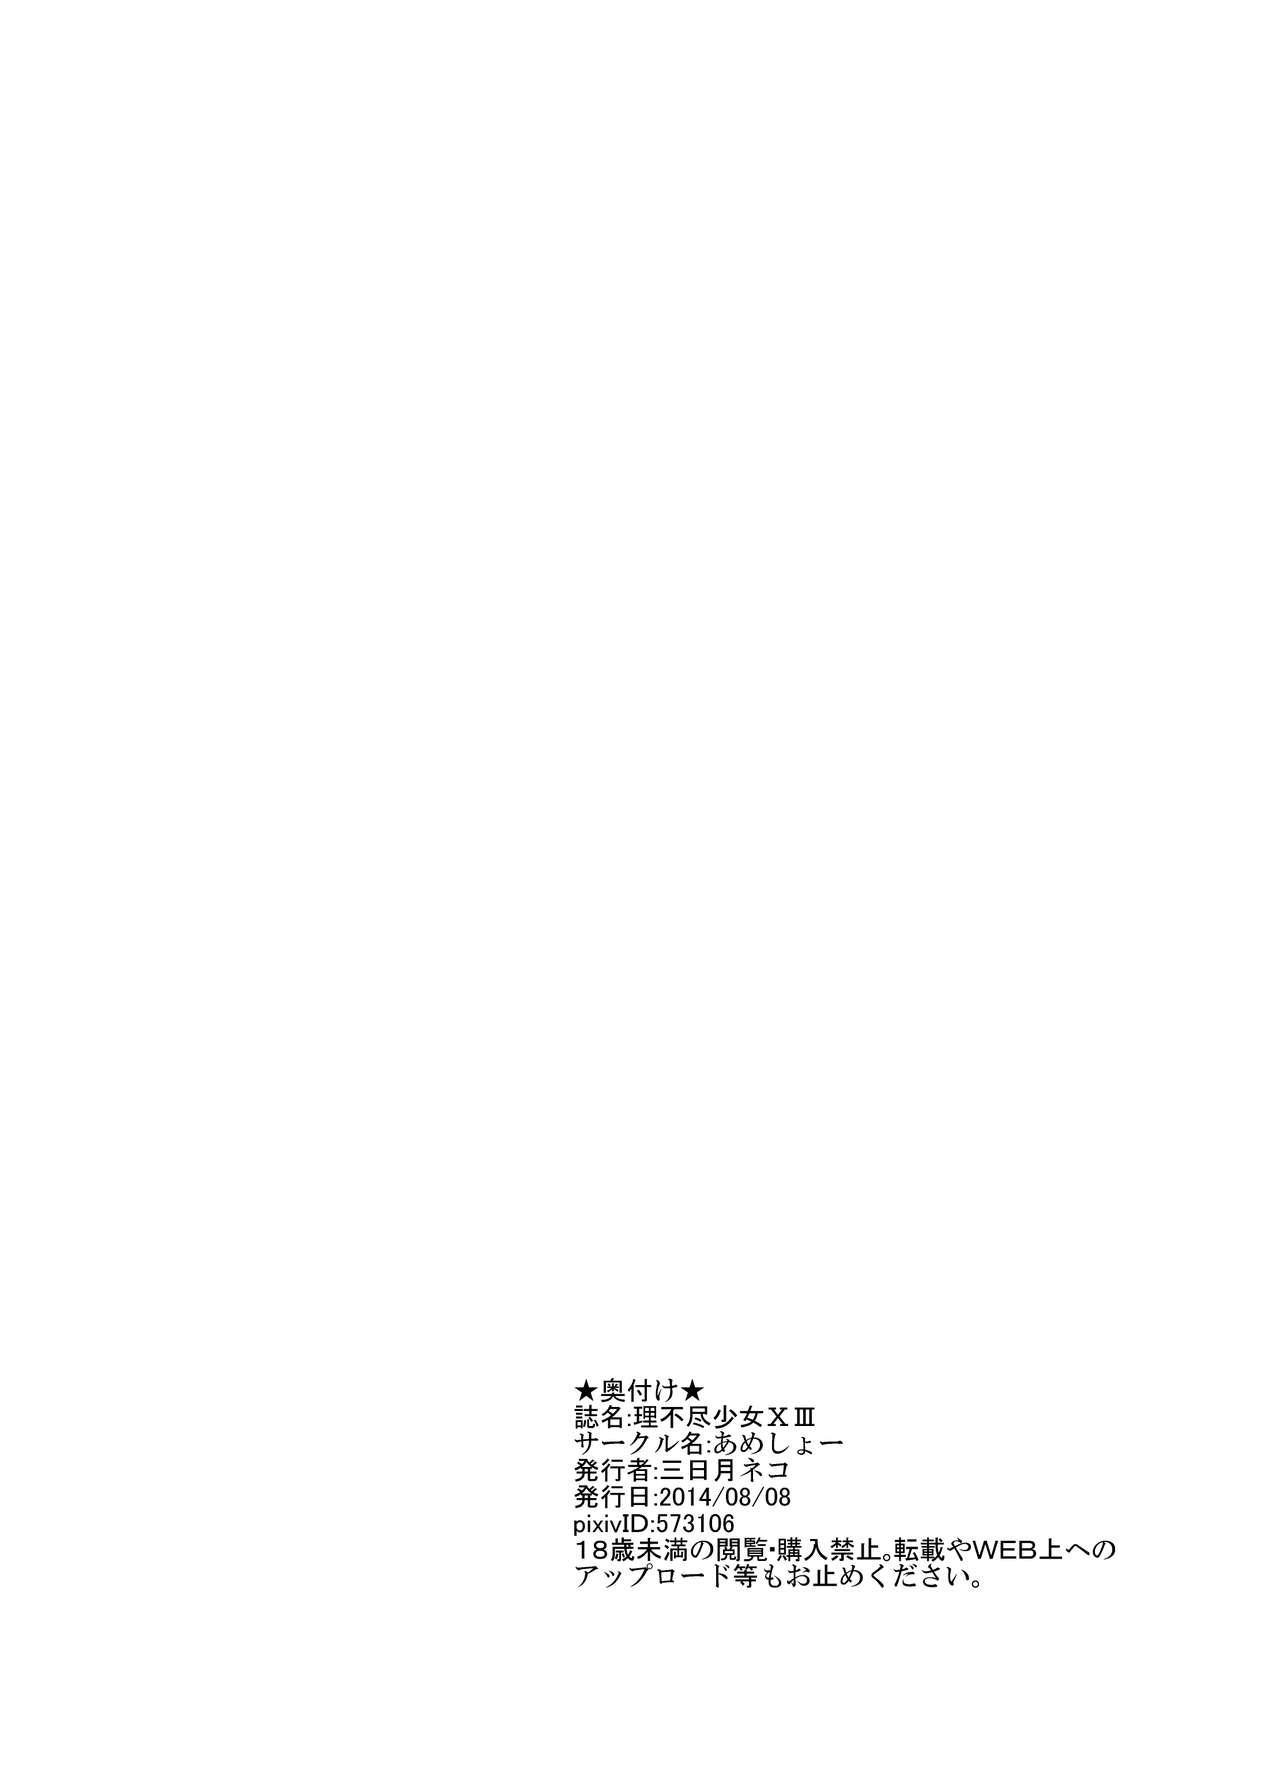 Rifujin Shoujo XIII | Unreasonable Girl Ch. 13 18